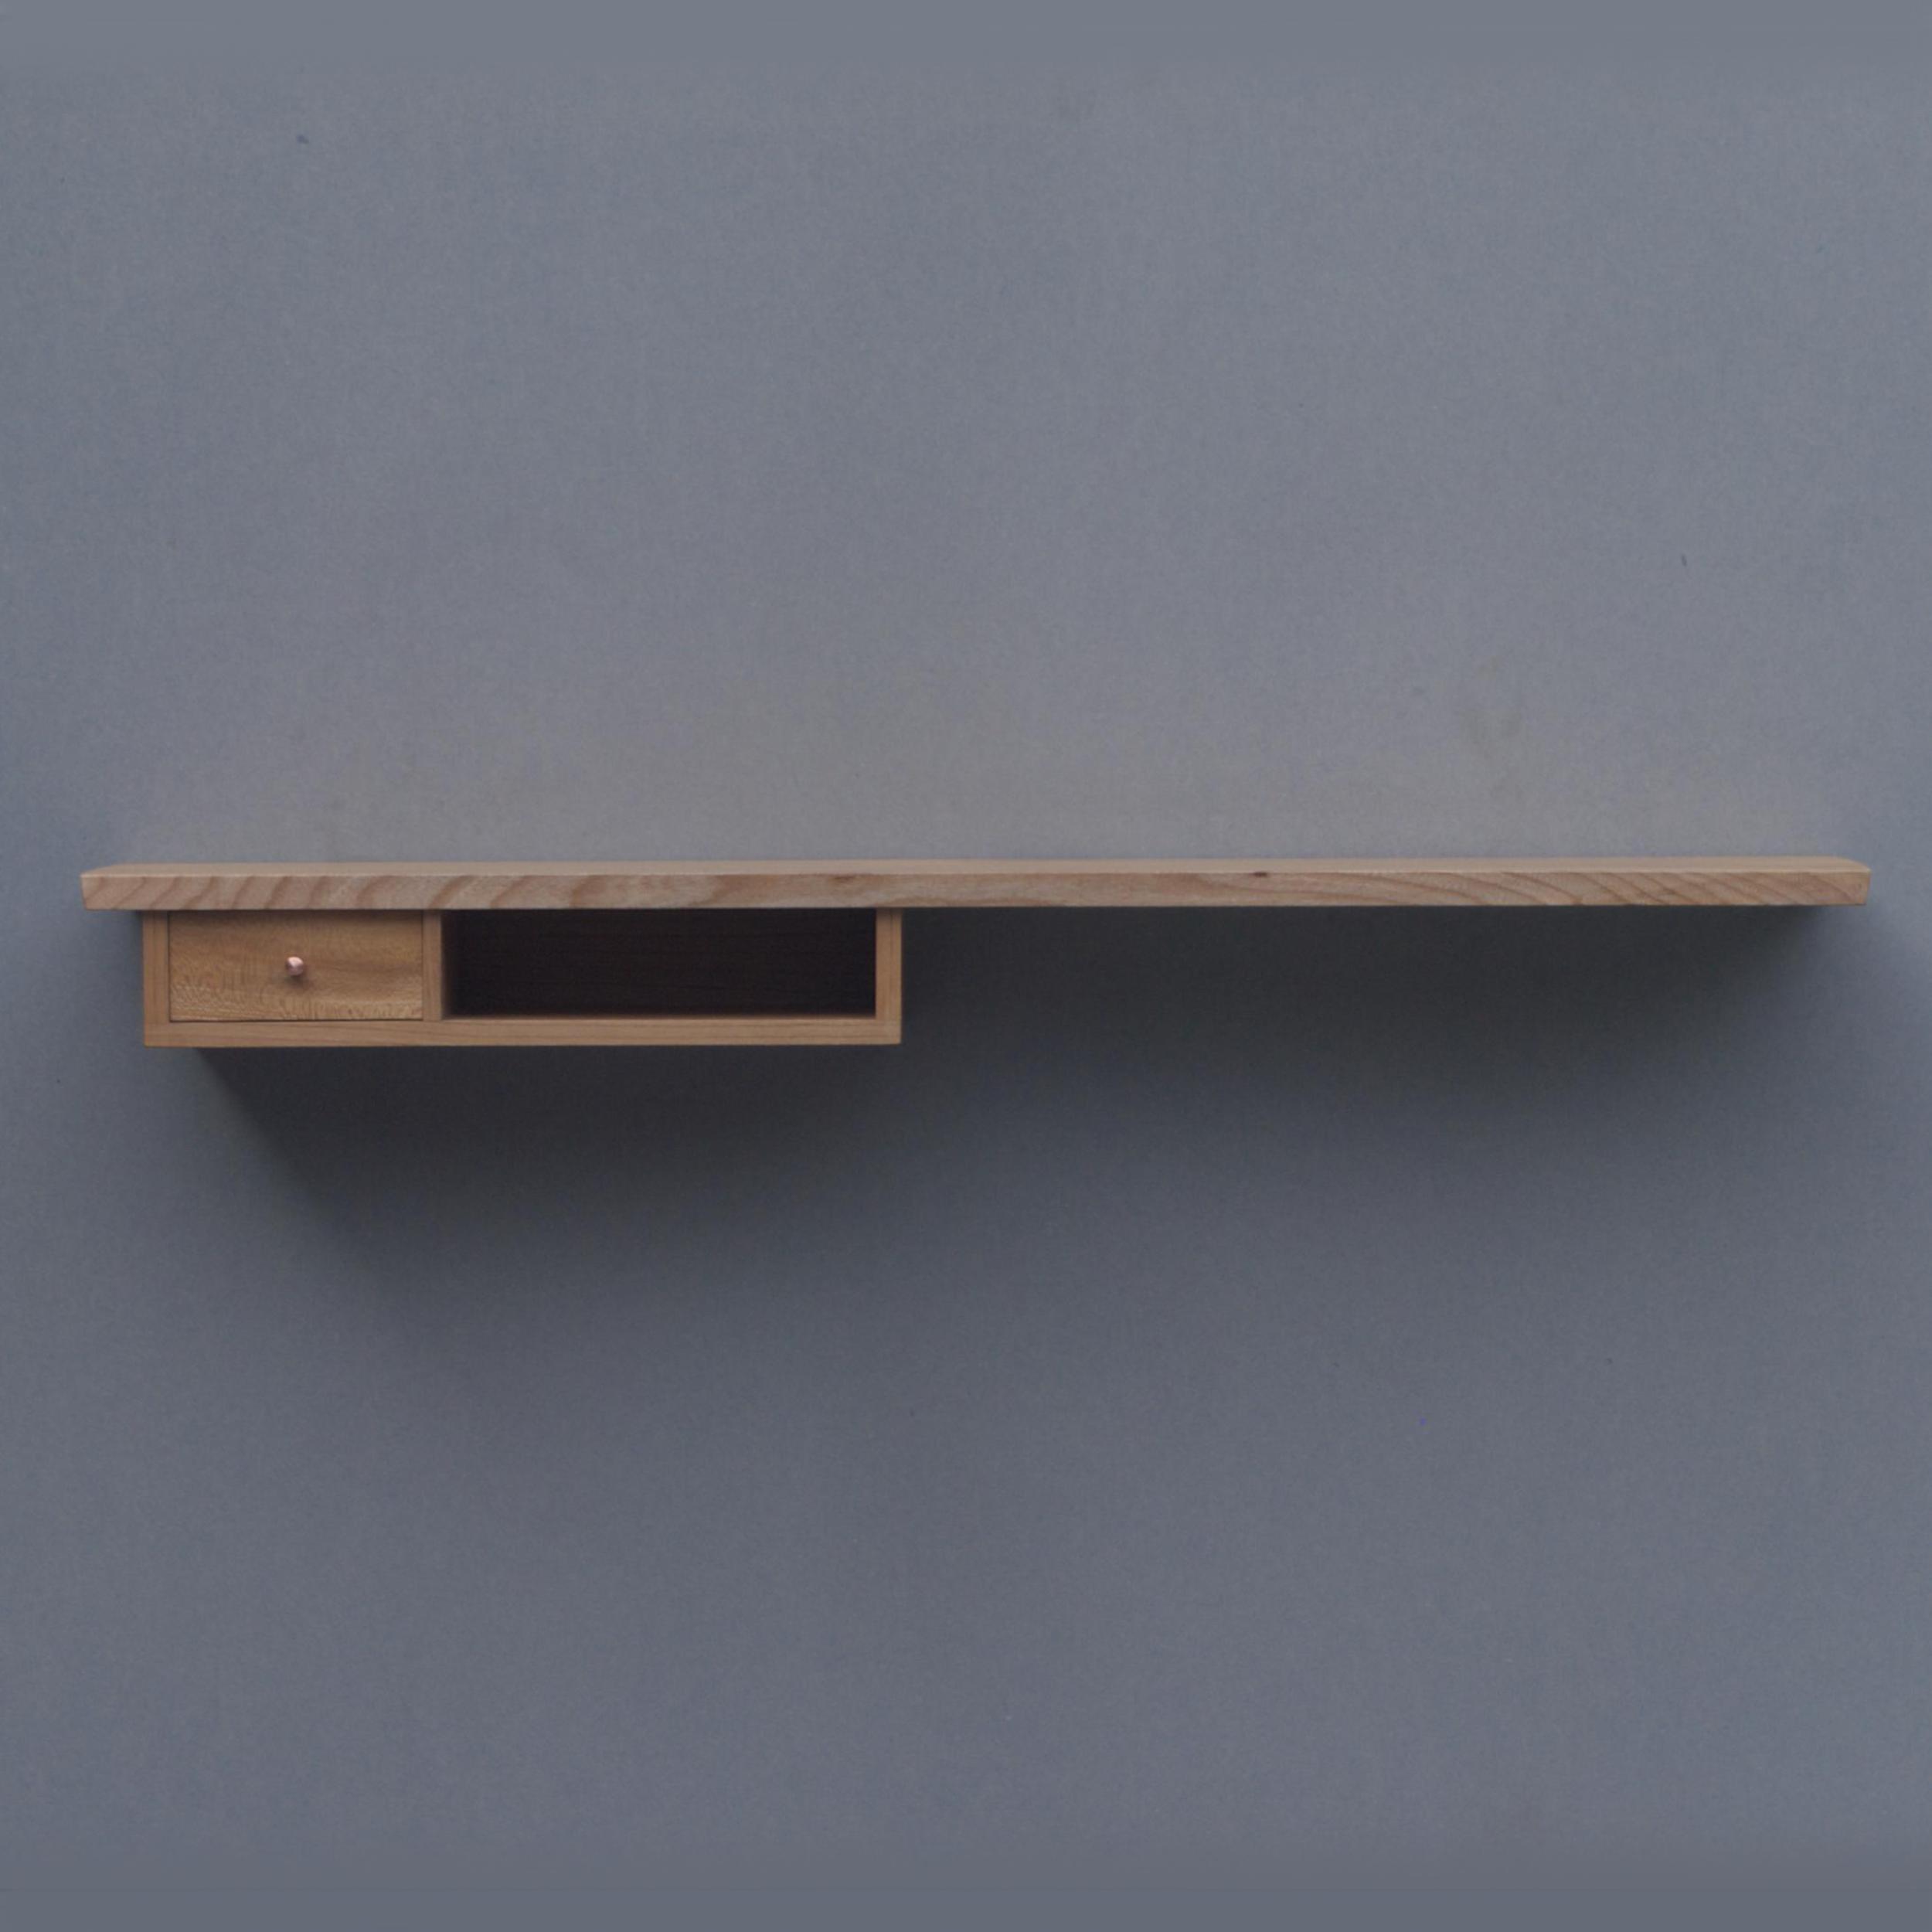 Cator Entry Shelf -